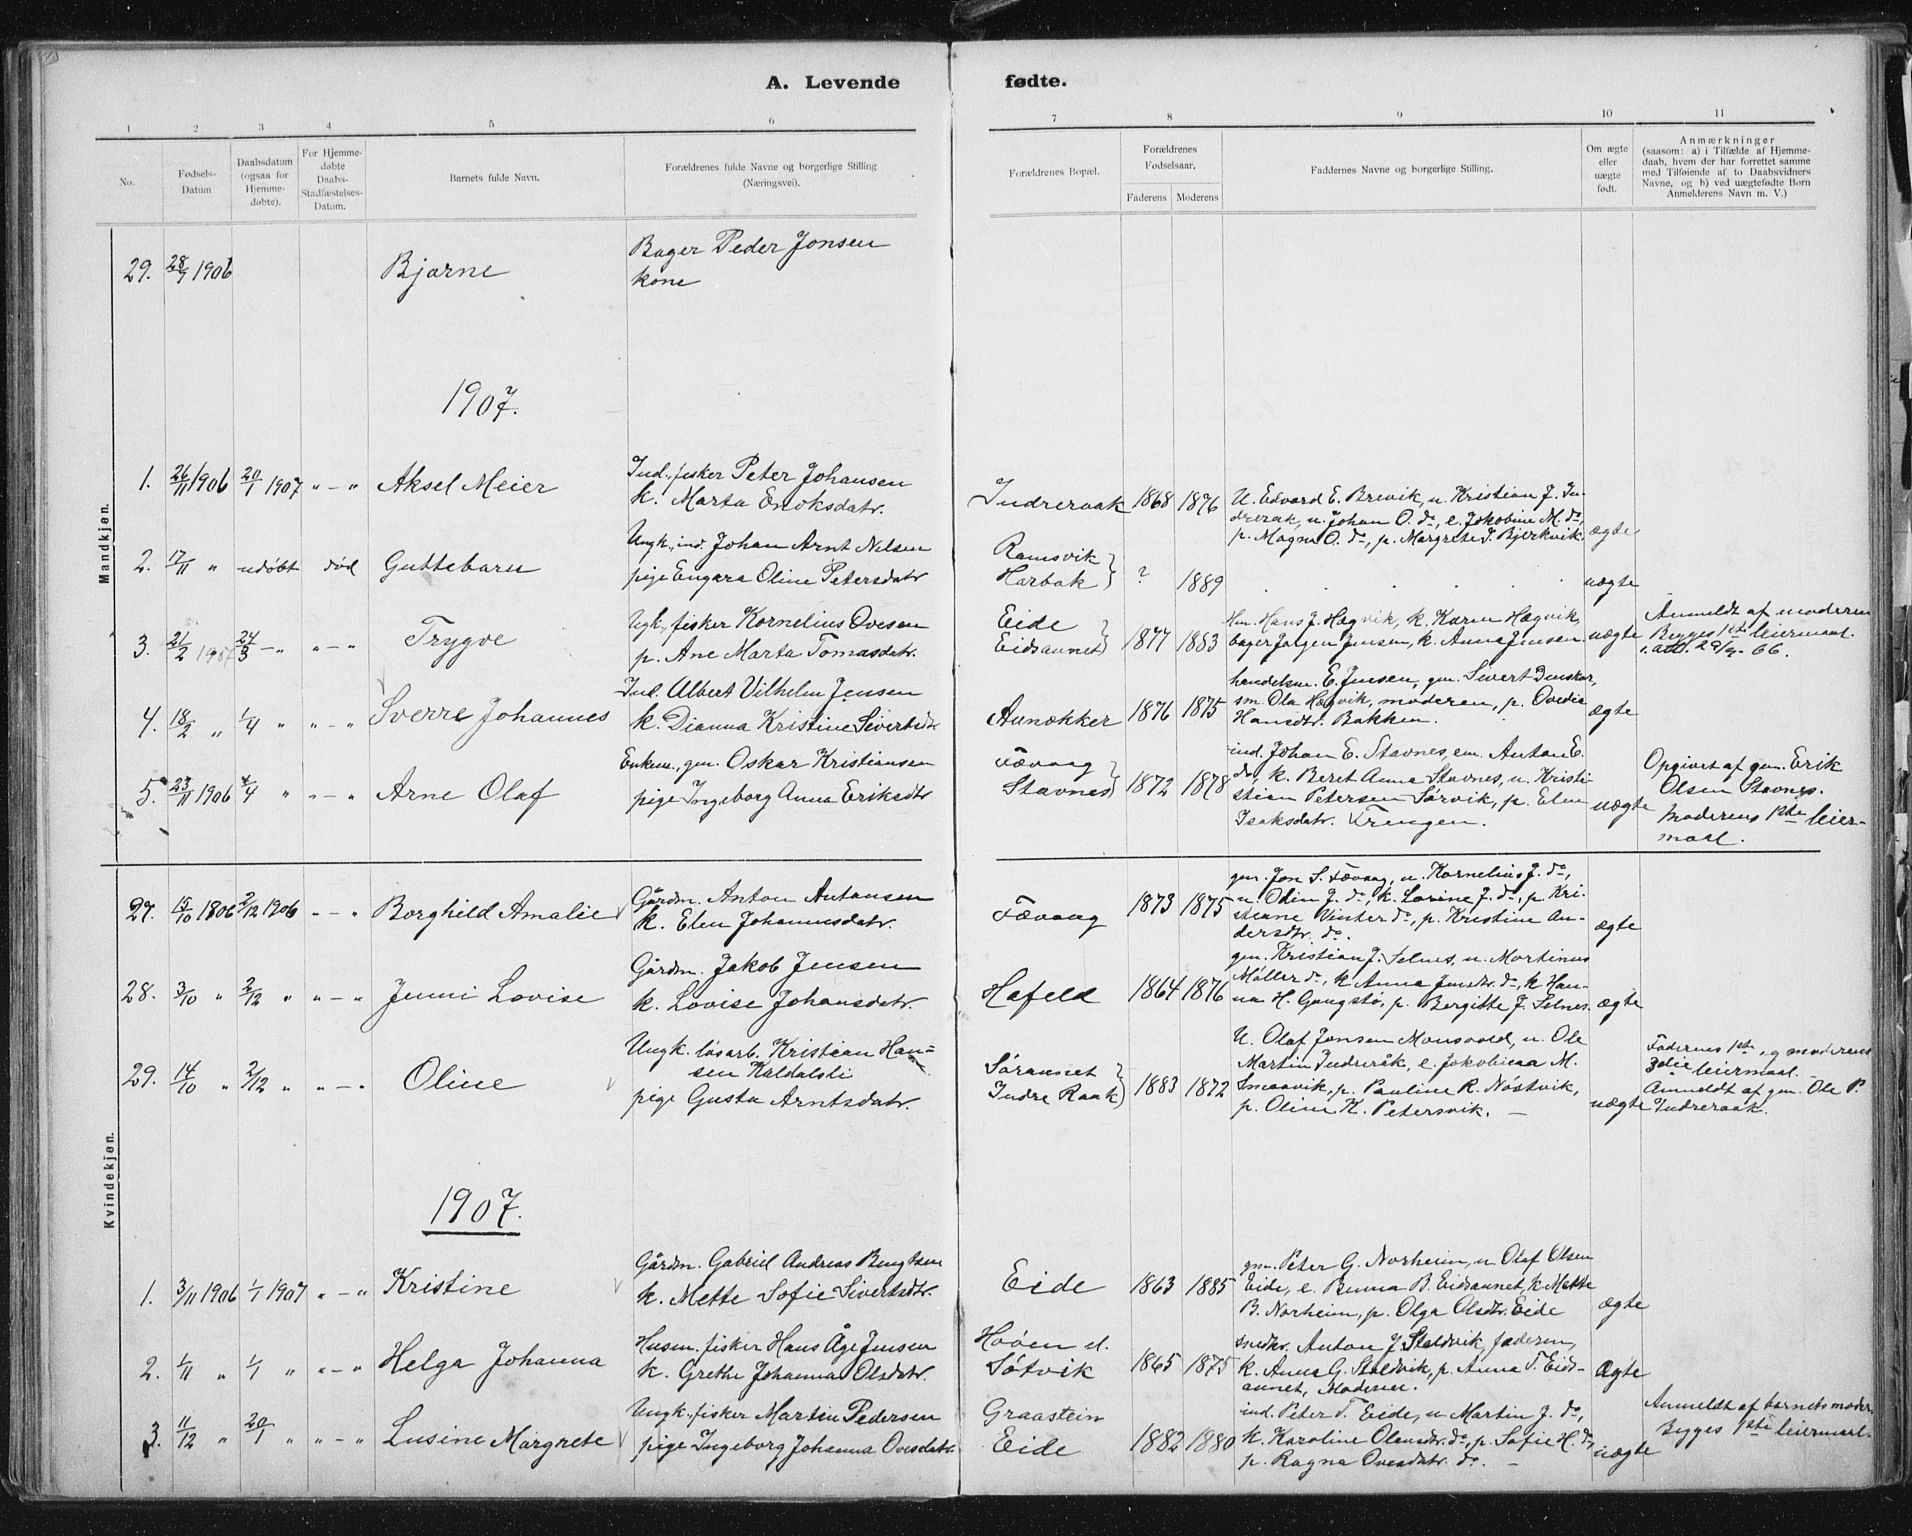 SAT, Ministerialprotokoller, klokkerbøker og fødselsregistre - Sør-Trøndelag, 653/L0660: Klokkerbok nr. 653C04, 1894-1919